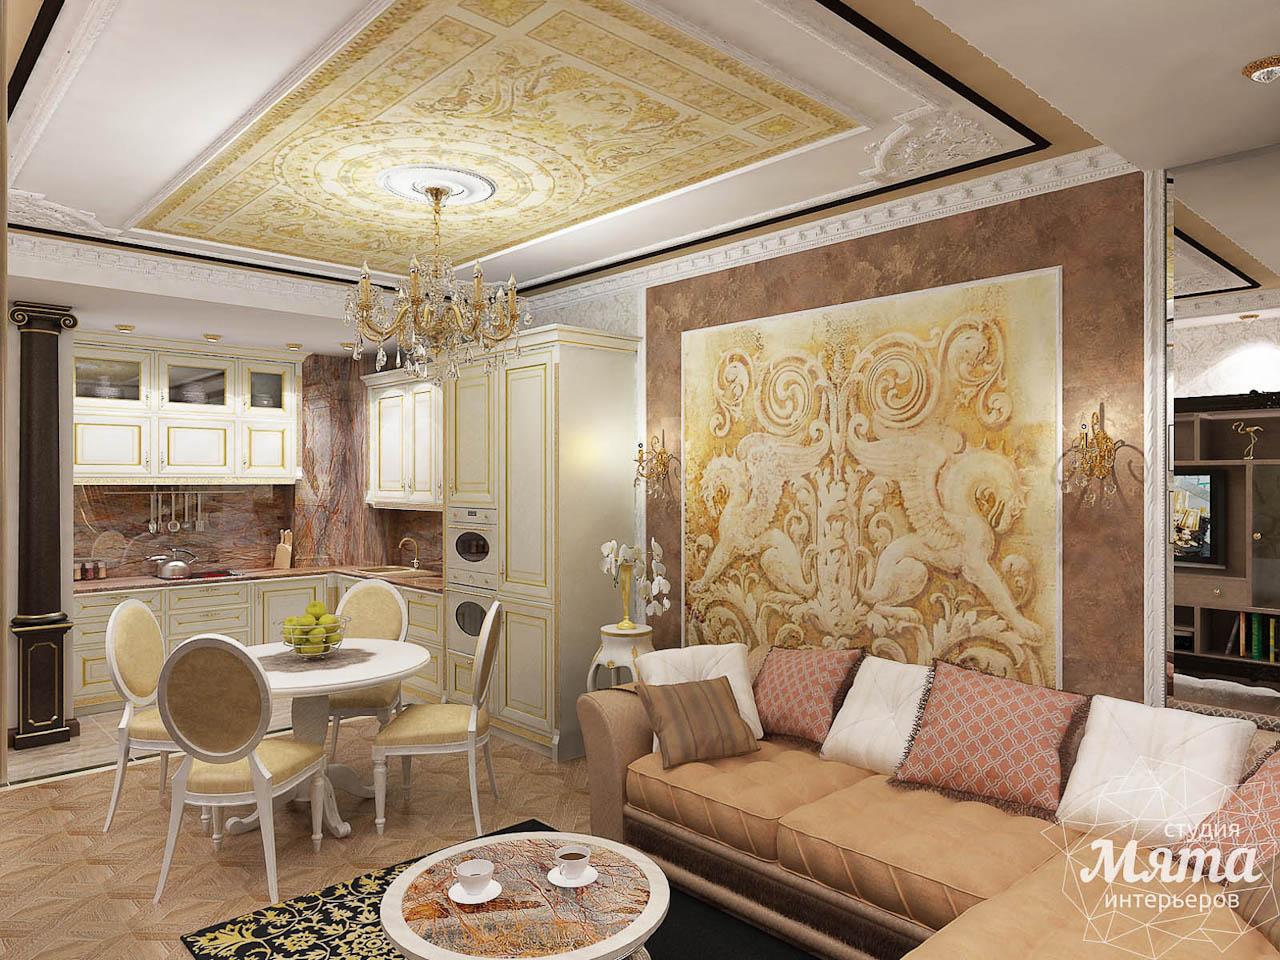 Дизайн интерьера двухкомнатной квартиры по ул. Мельникова 38 img2121341317